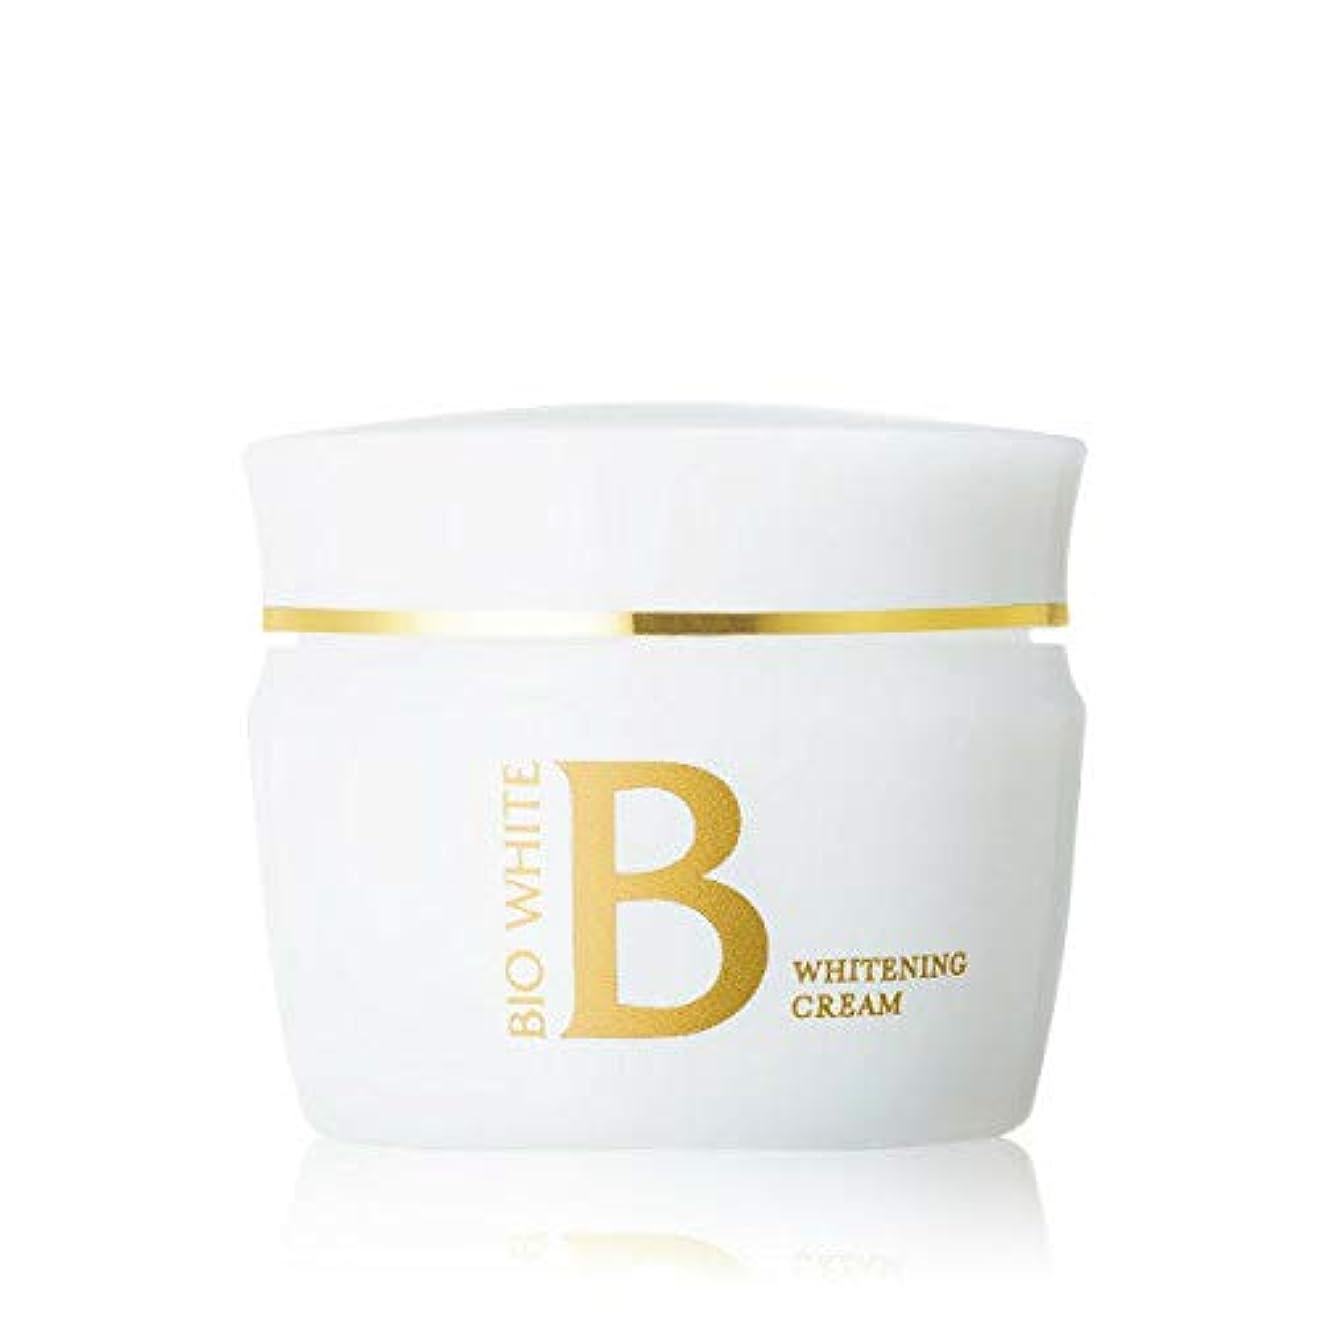 土地ポテトすぐにエビス化粧品(EBiS) エビス ビーホワイトクリーム 40g 美白クリーム トラネキサム酸 配合 医薬部外品